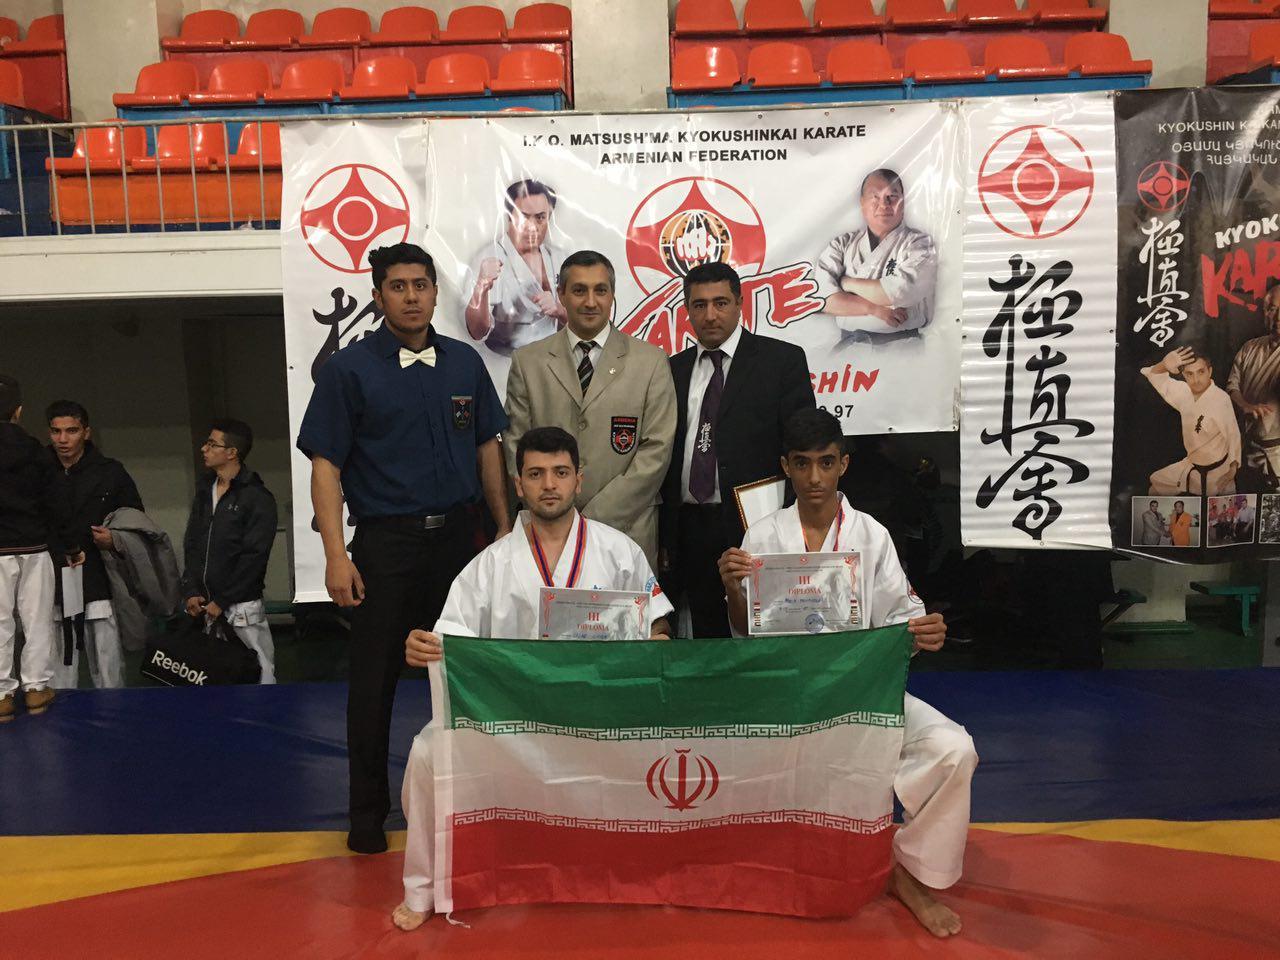 درخشش رزمی کاران اهری در مسابقات کیوکوشین ماتسوشیما ۲۰۱۷ ارمنستان